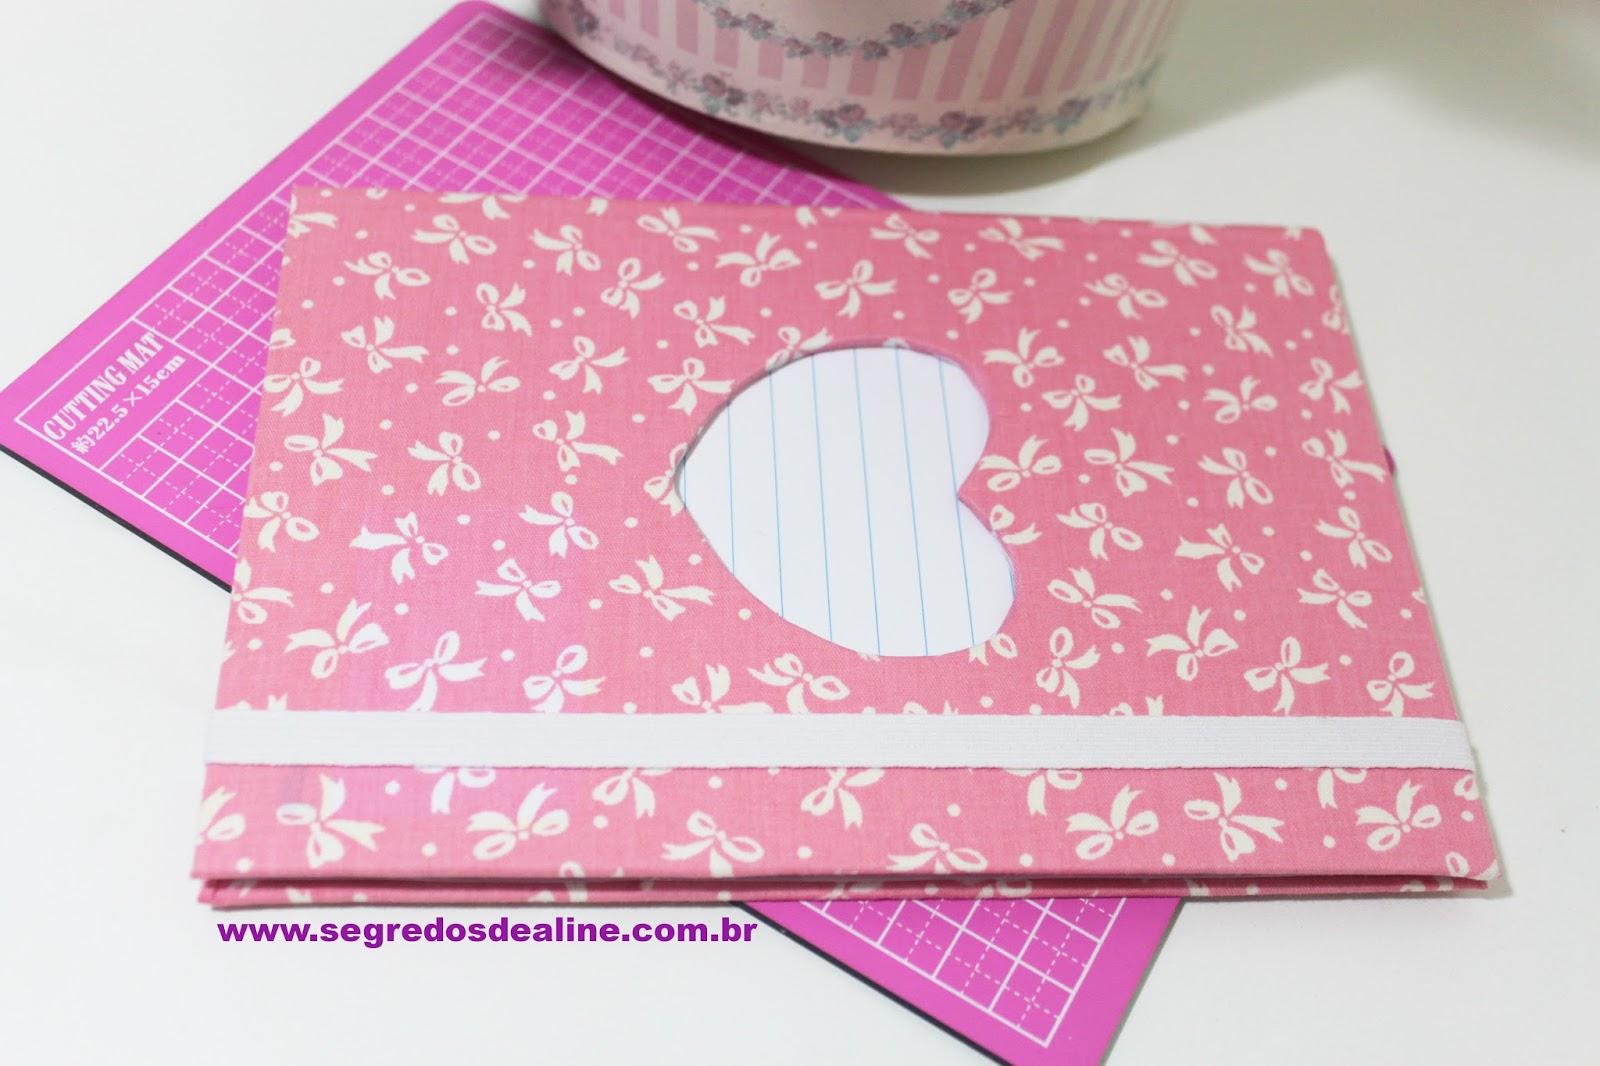 Segredos De Aline Caderno Customizado Com Tecido Volta às Aulas